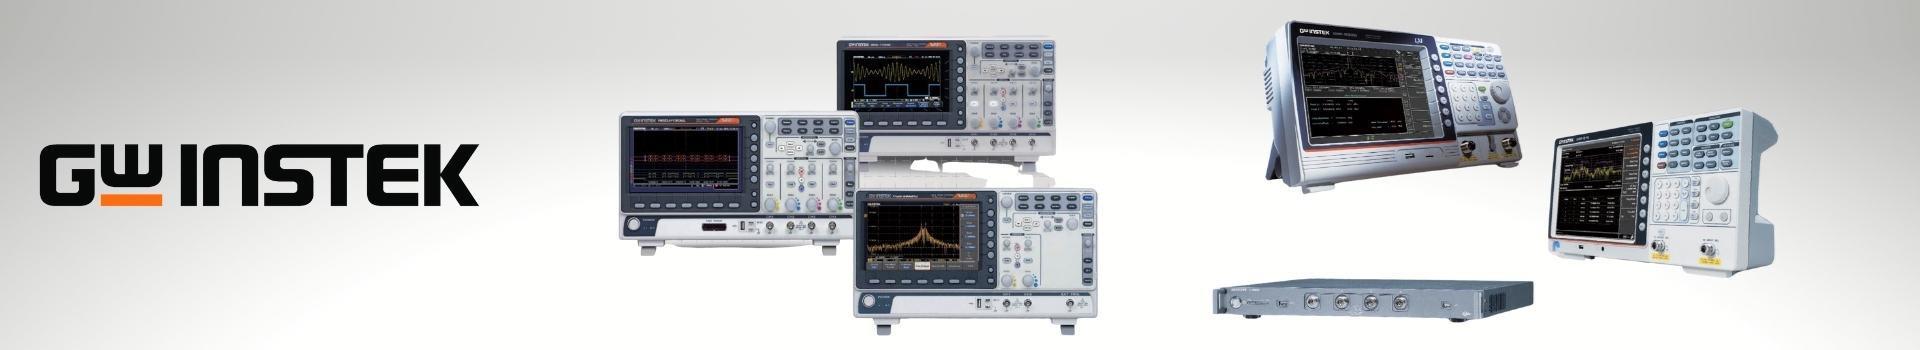 Thiết bị đo hiệu chuẩn điện GW Instek